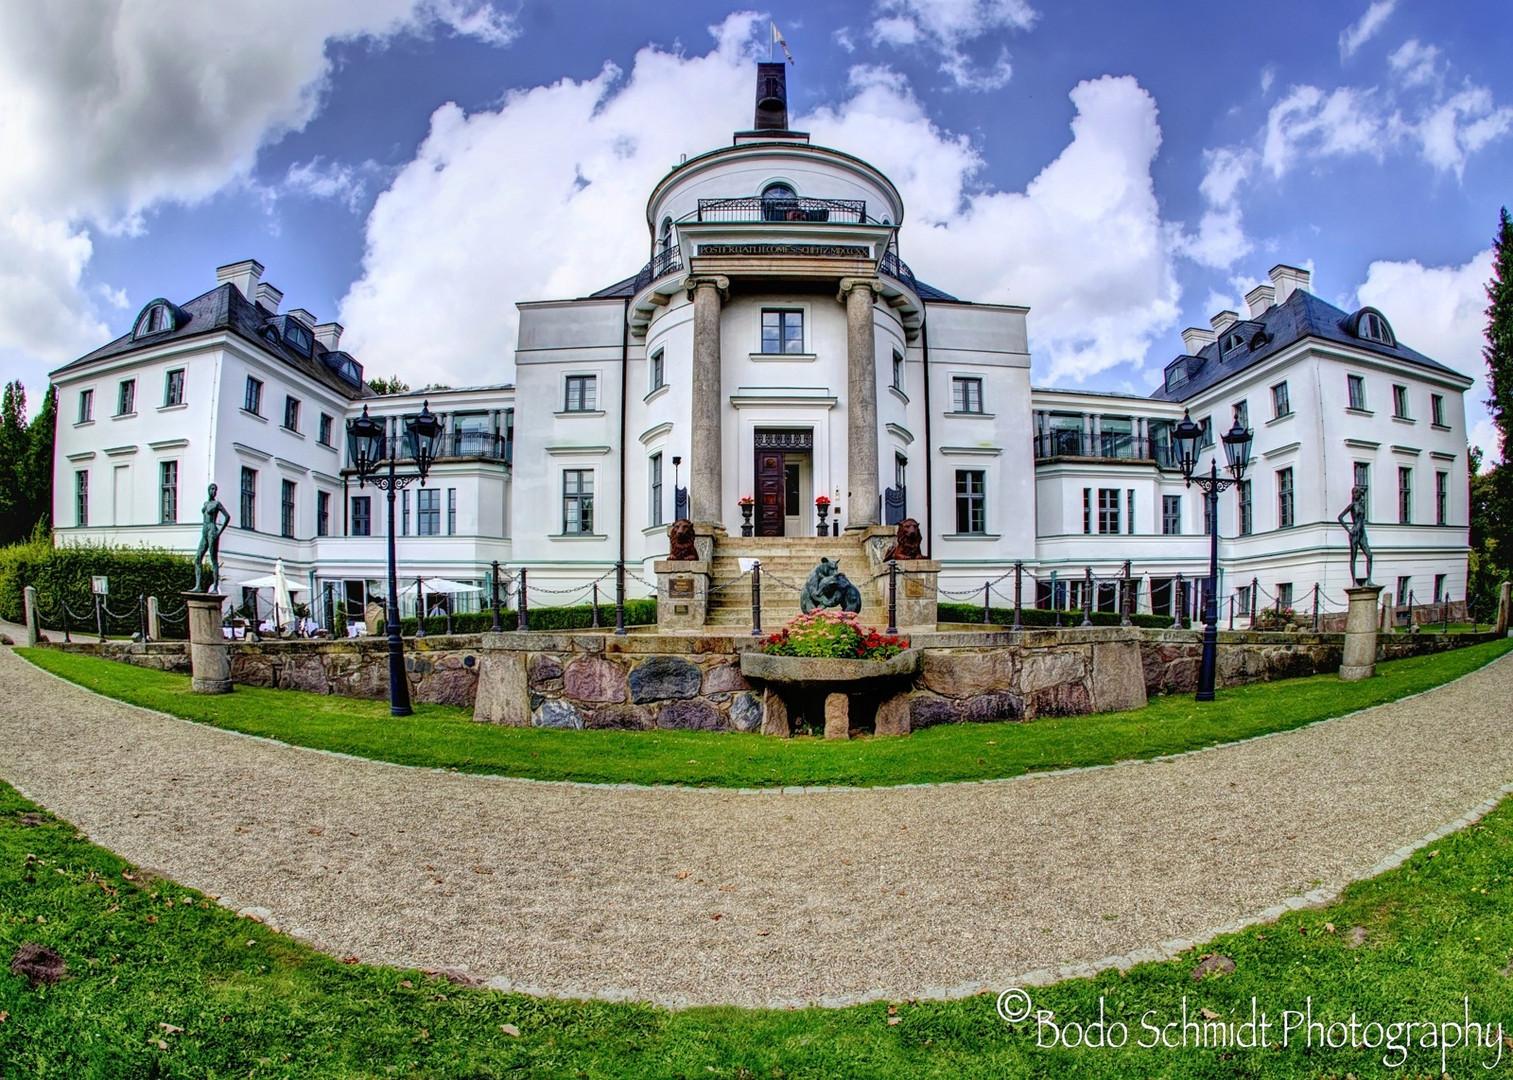 Burg Hotel Schlitz